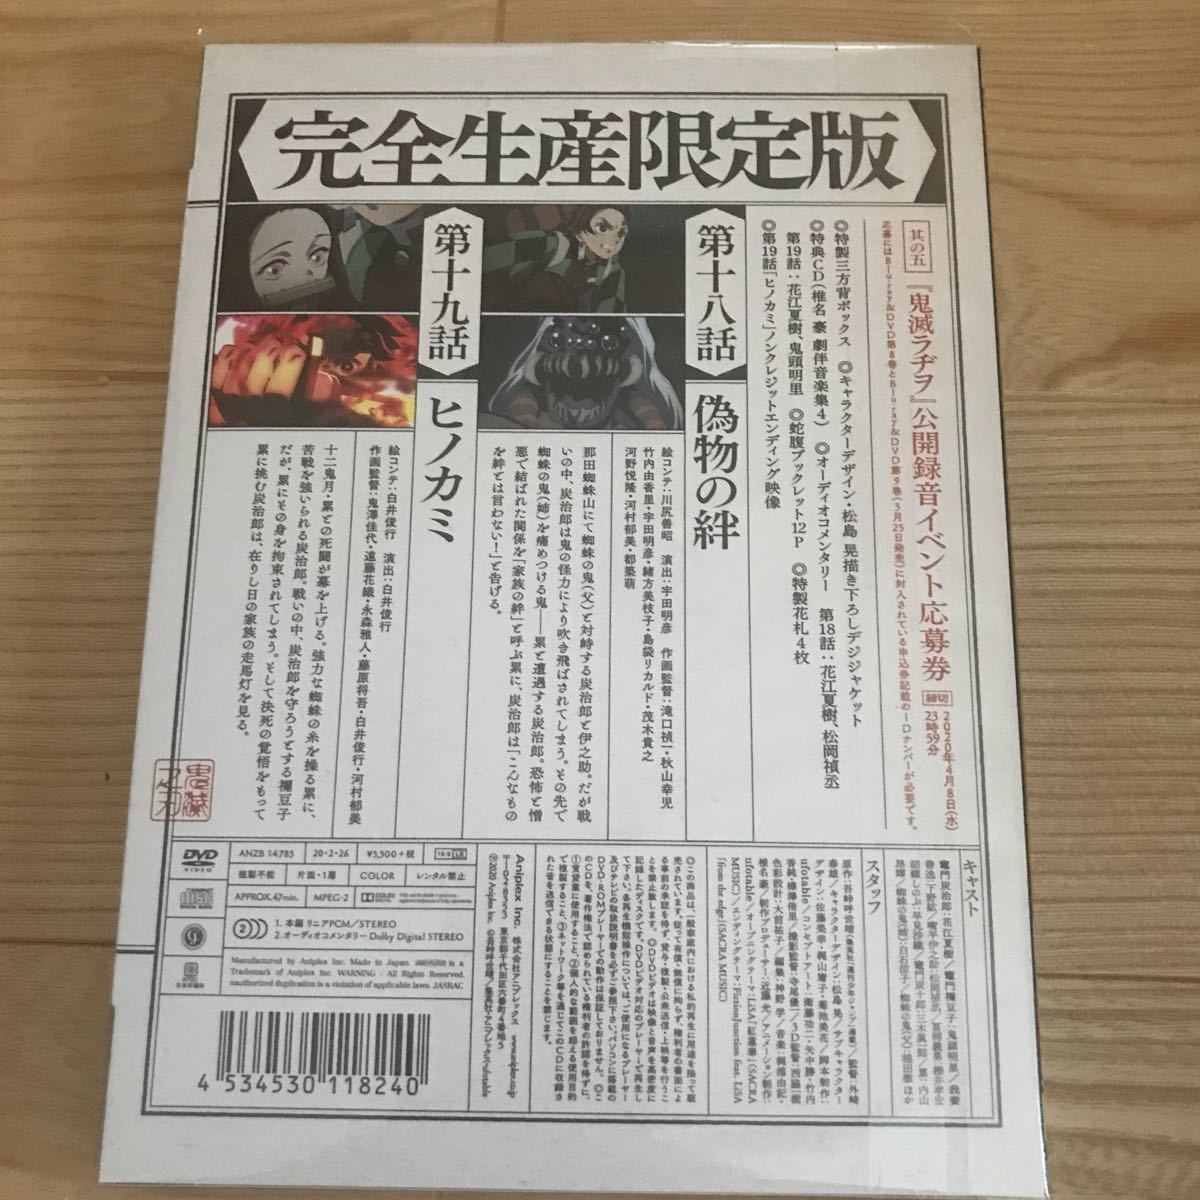 完全生産限定版 鬼滅の刃 第八巻 DVD 新品 偽物の絆 ヒノカミ